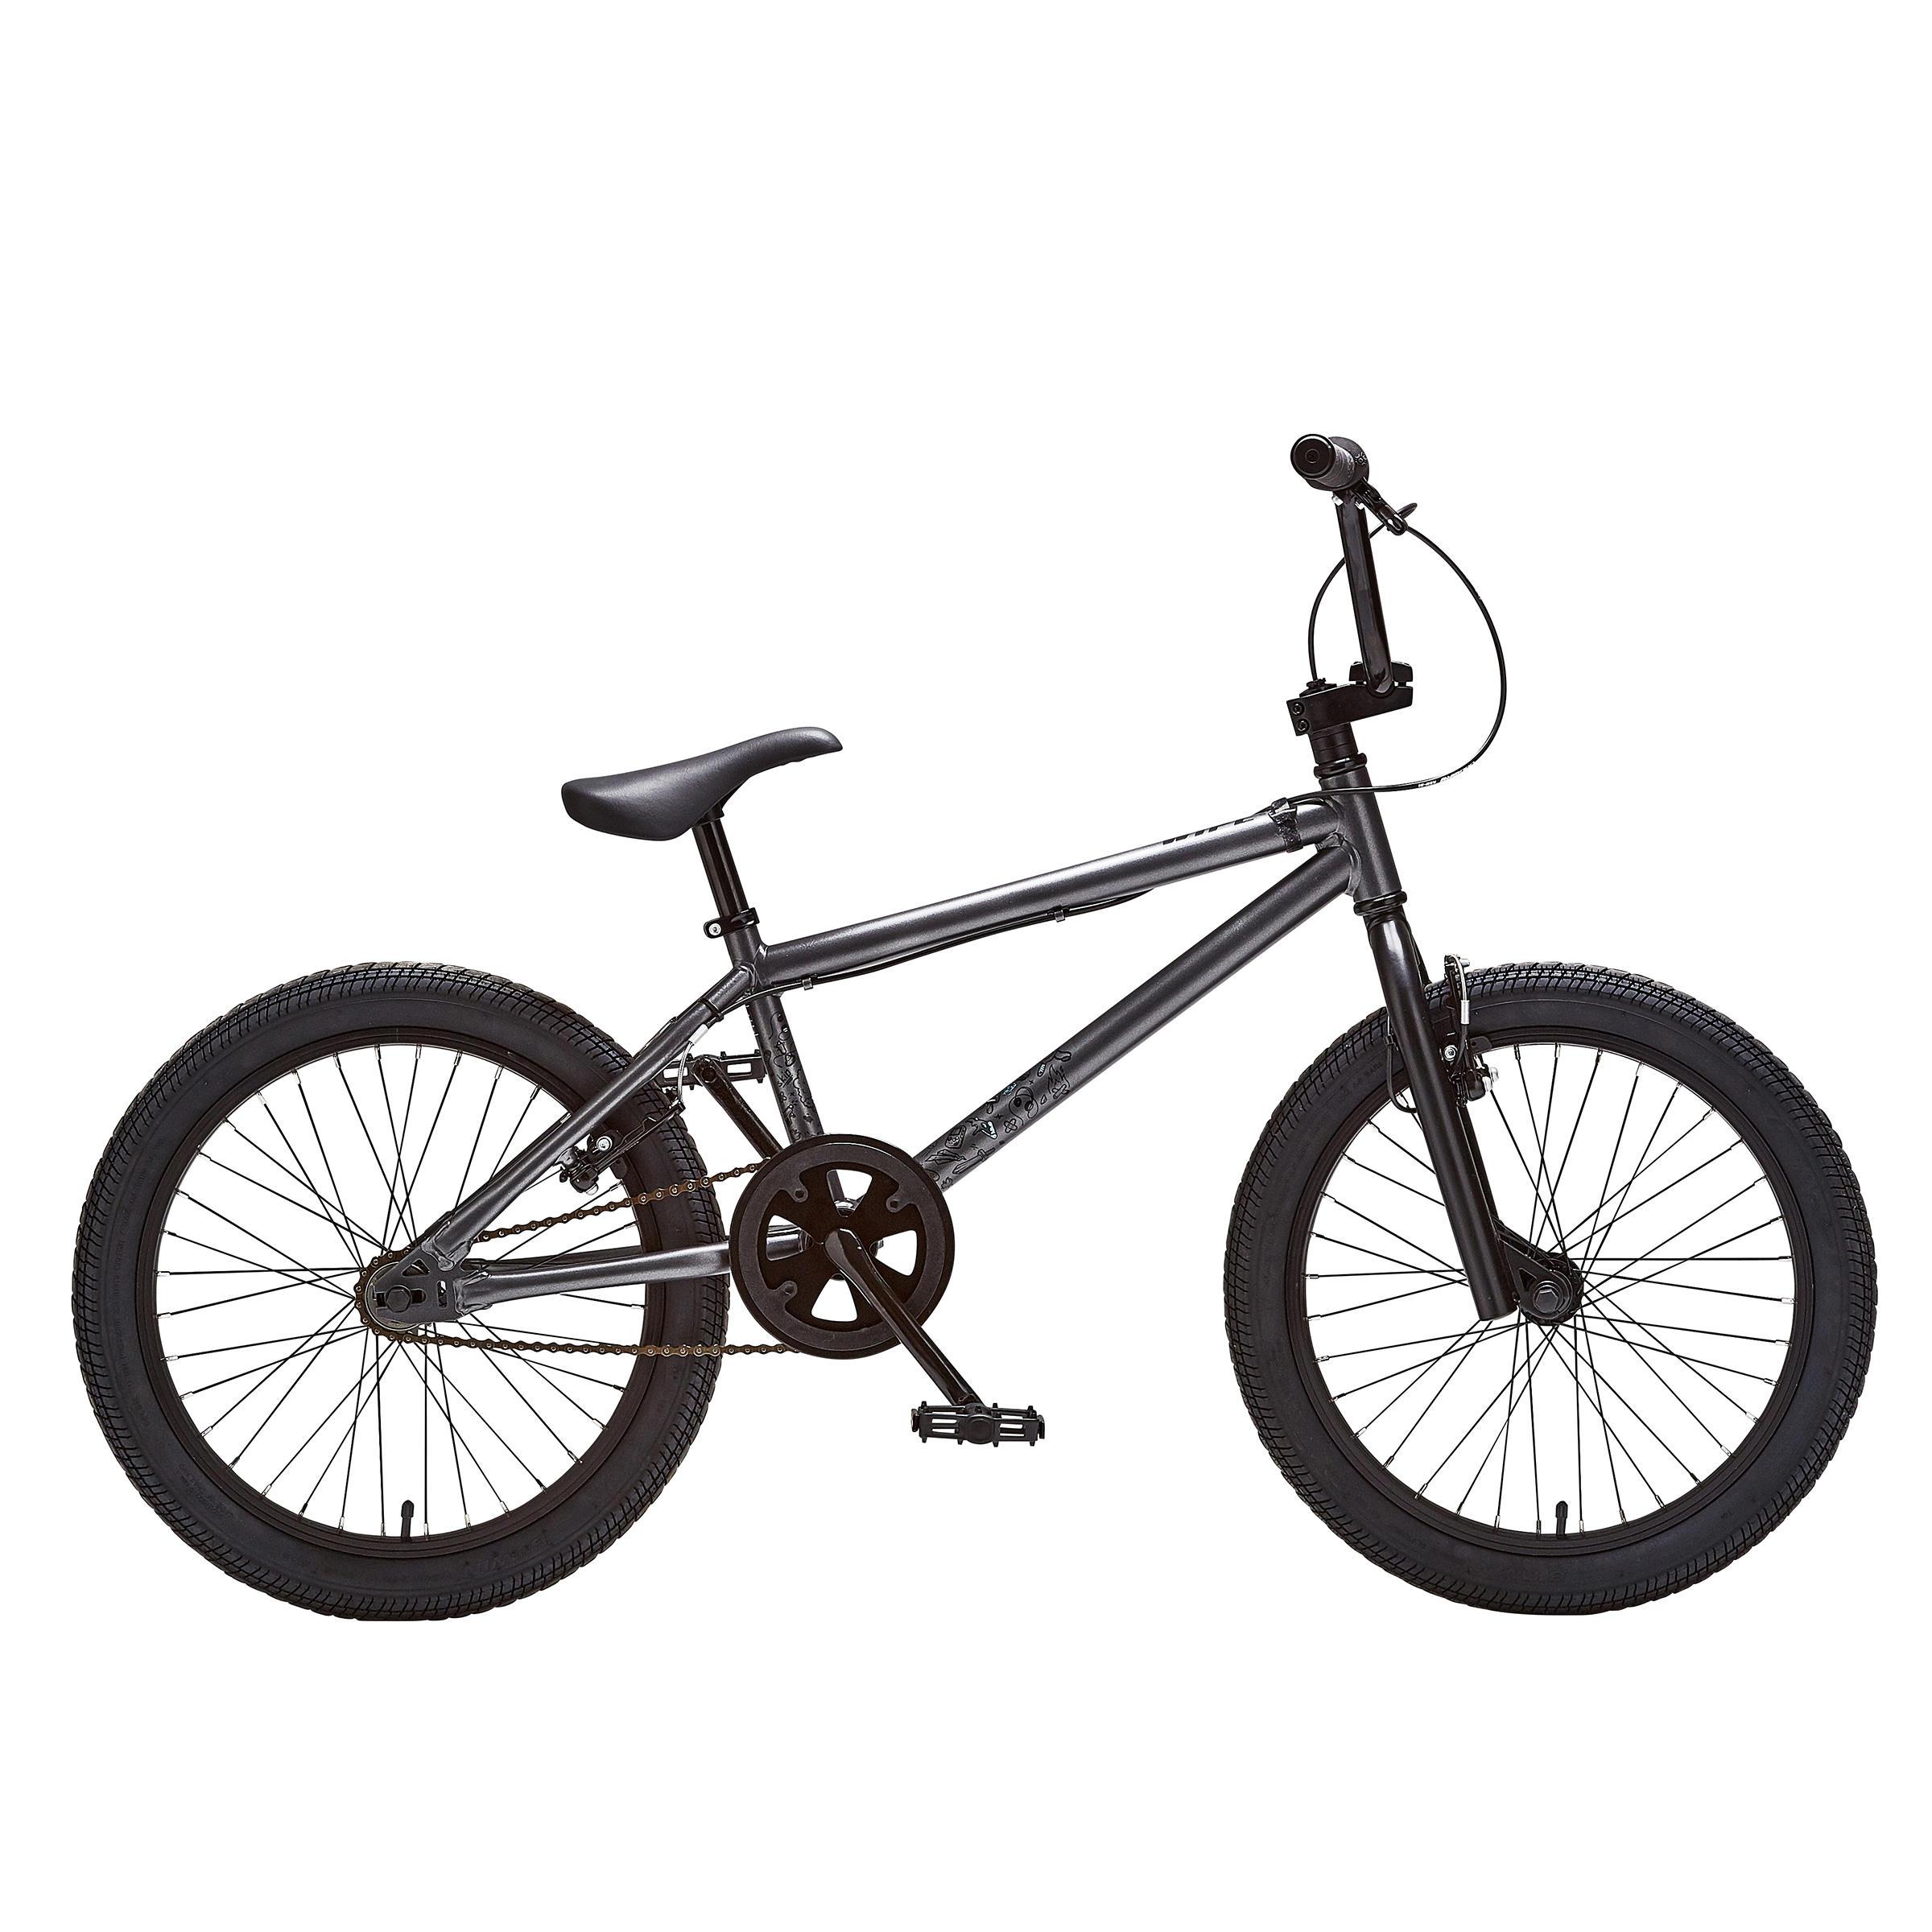 Bicicletă BMX Wipe 100